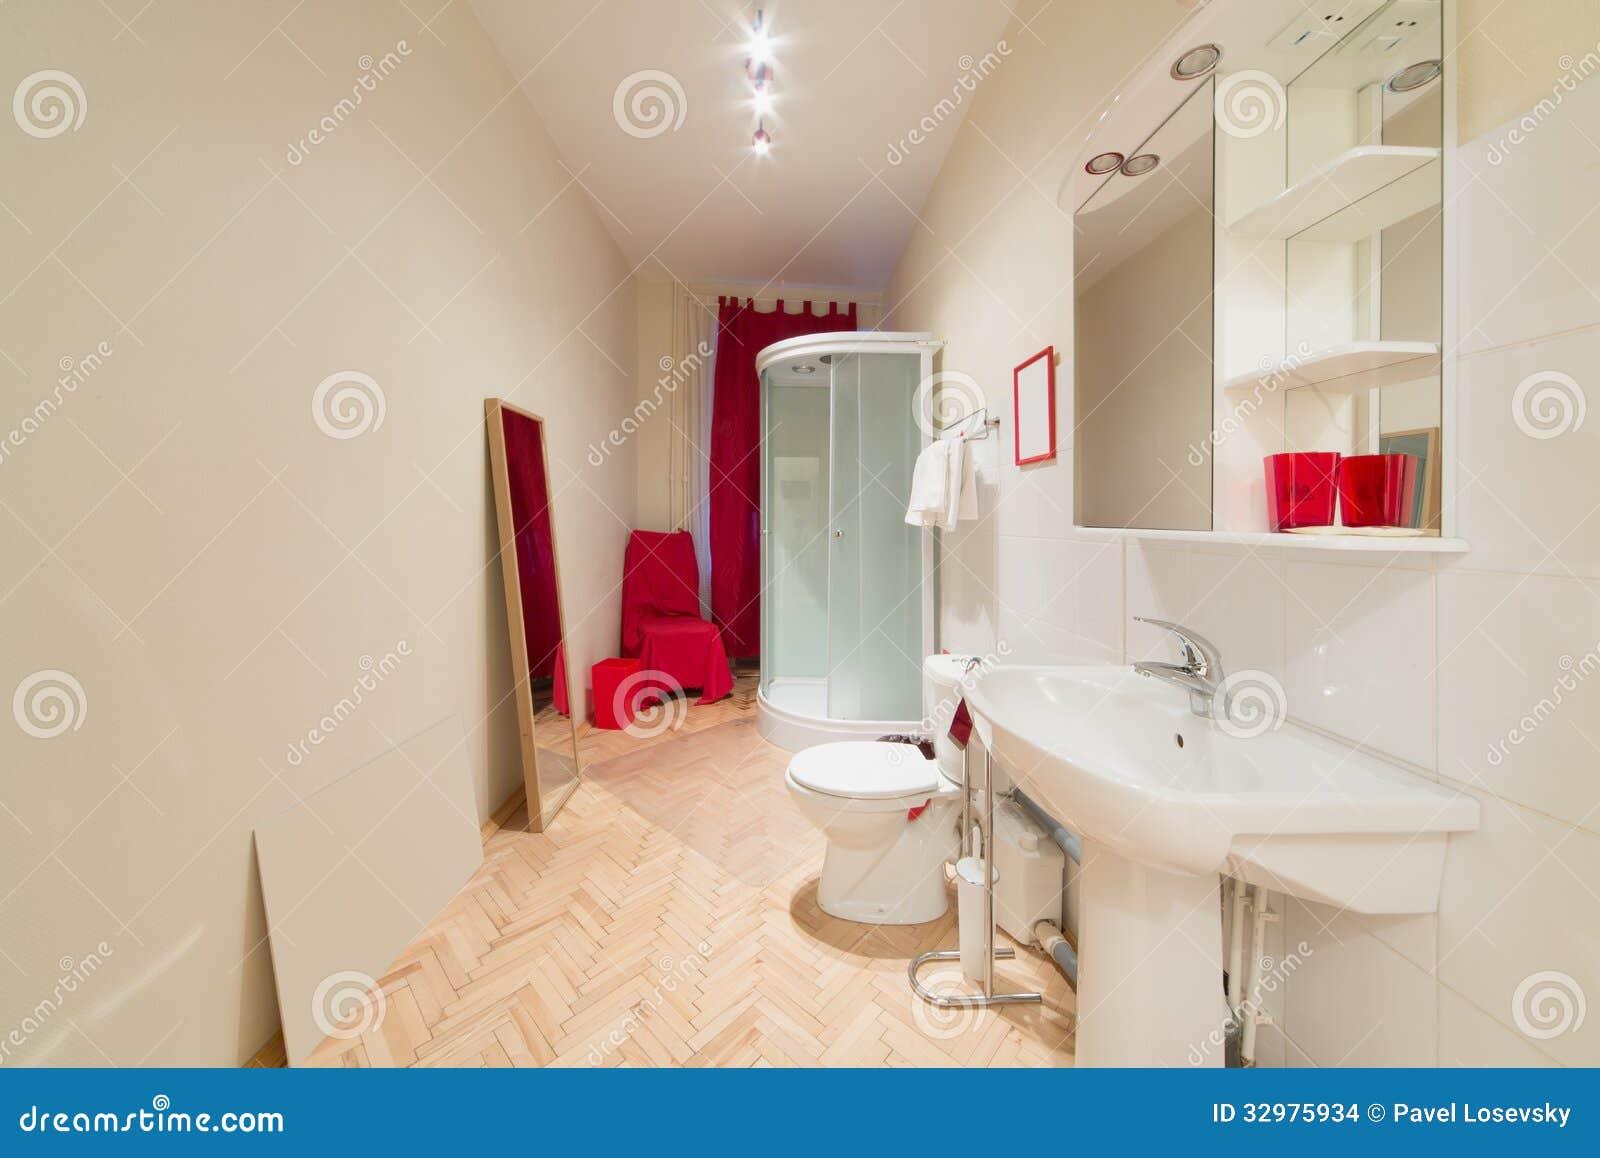 Een kleine heldere badkamers met een douchecabine stock afbeeldingen afbeelding 32975934 - Klein badkamer model met douche ...